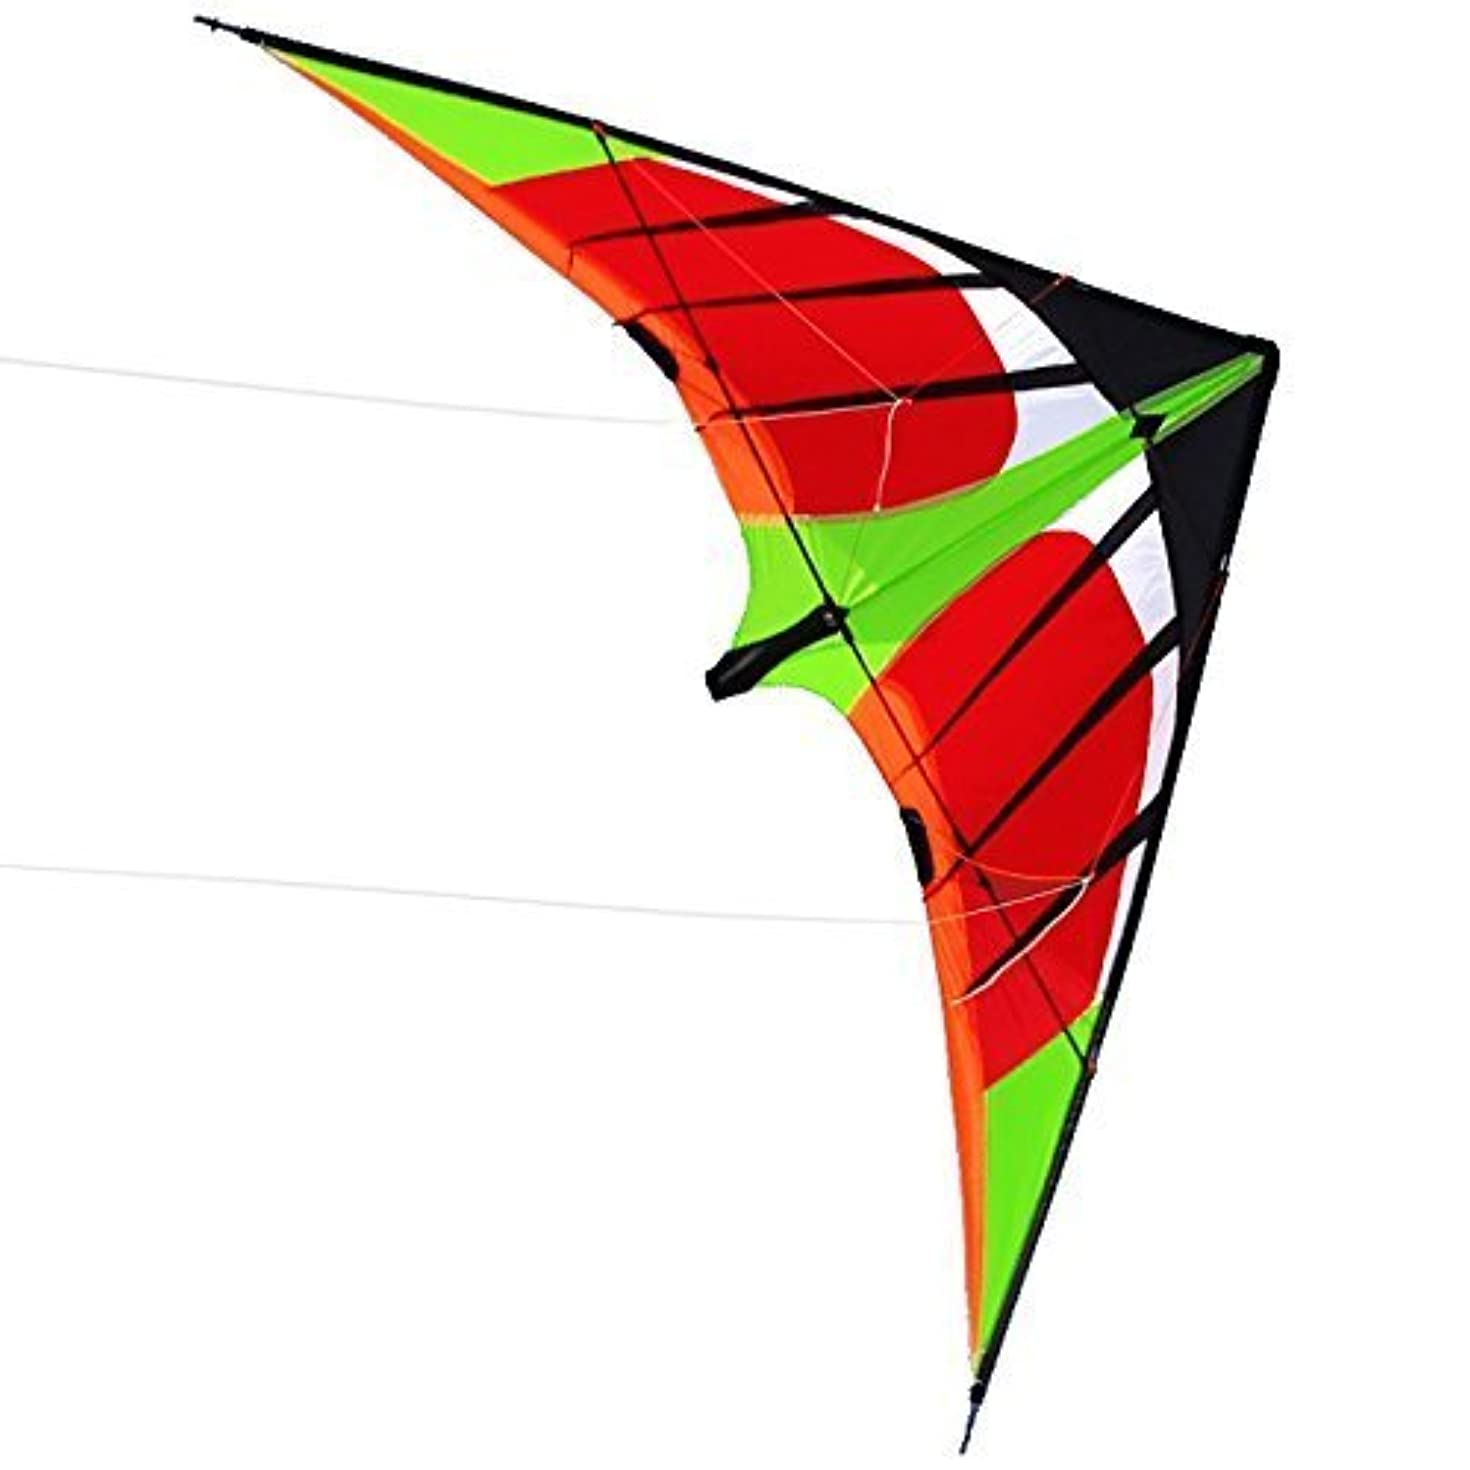 マリン波紋速報US Sky Kite NEW 5.9ft 1.8m Stunt Swift Kite Outdoor Sport Fun Toys Novelty Dual Line Delta [並行輸入品]